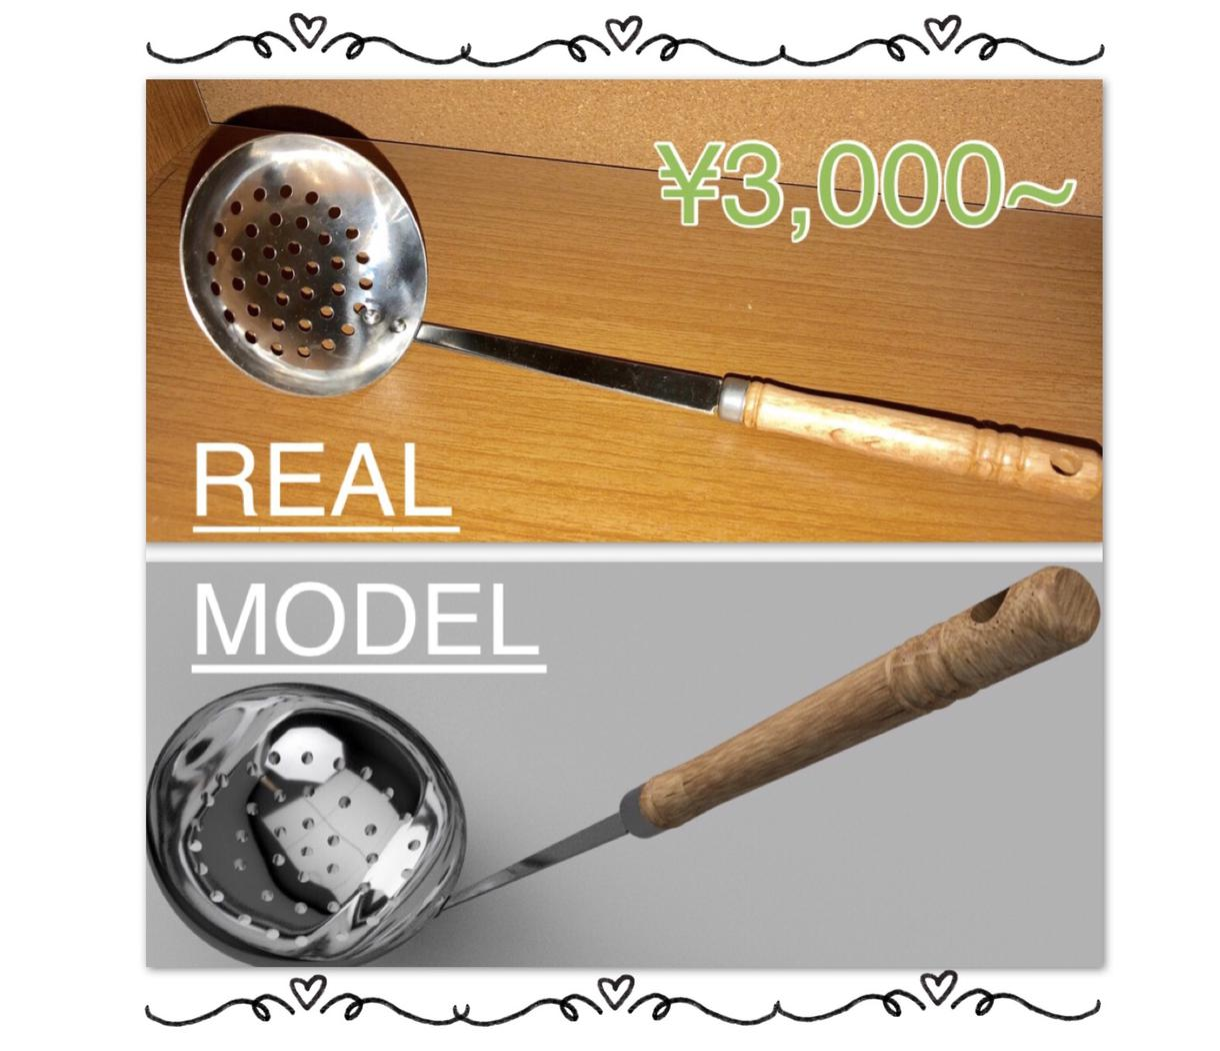 3D【モデル作成】そのアイデア形にします 新たな商品の作成、既存の物をモデル化。様々なご要望にお答え。